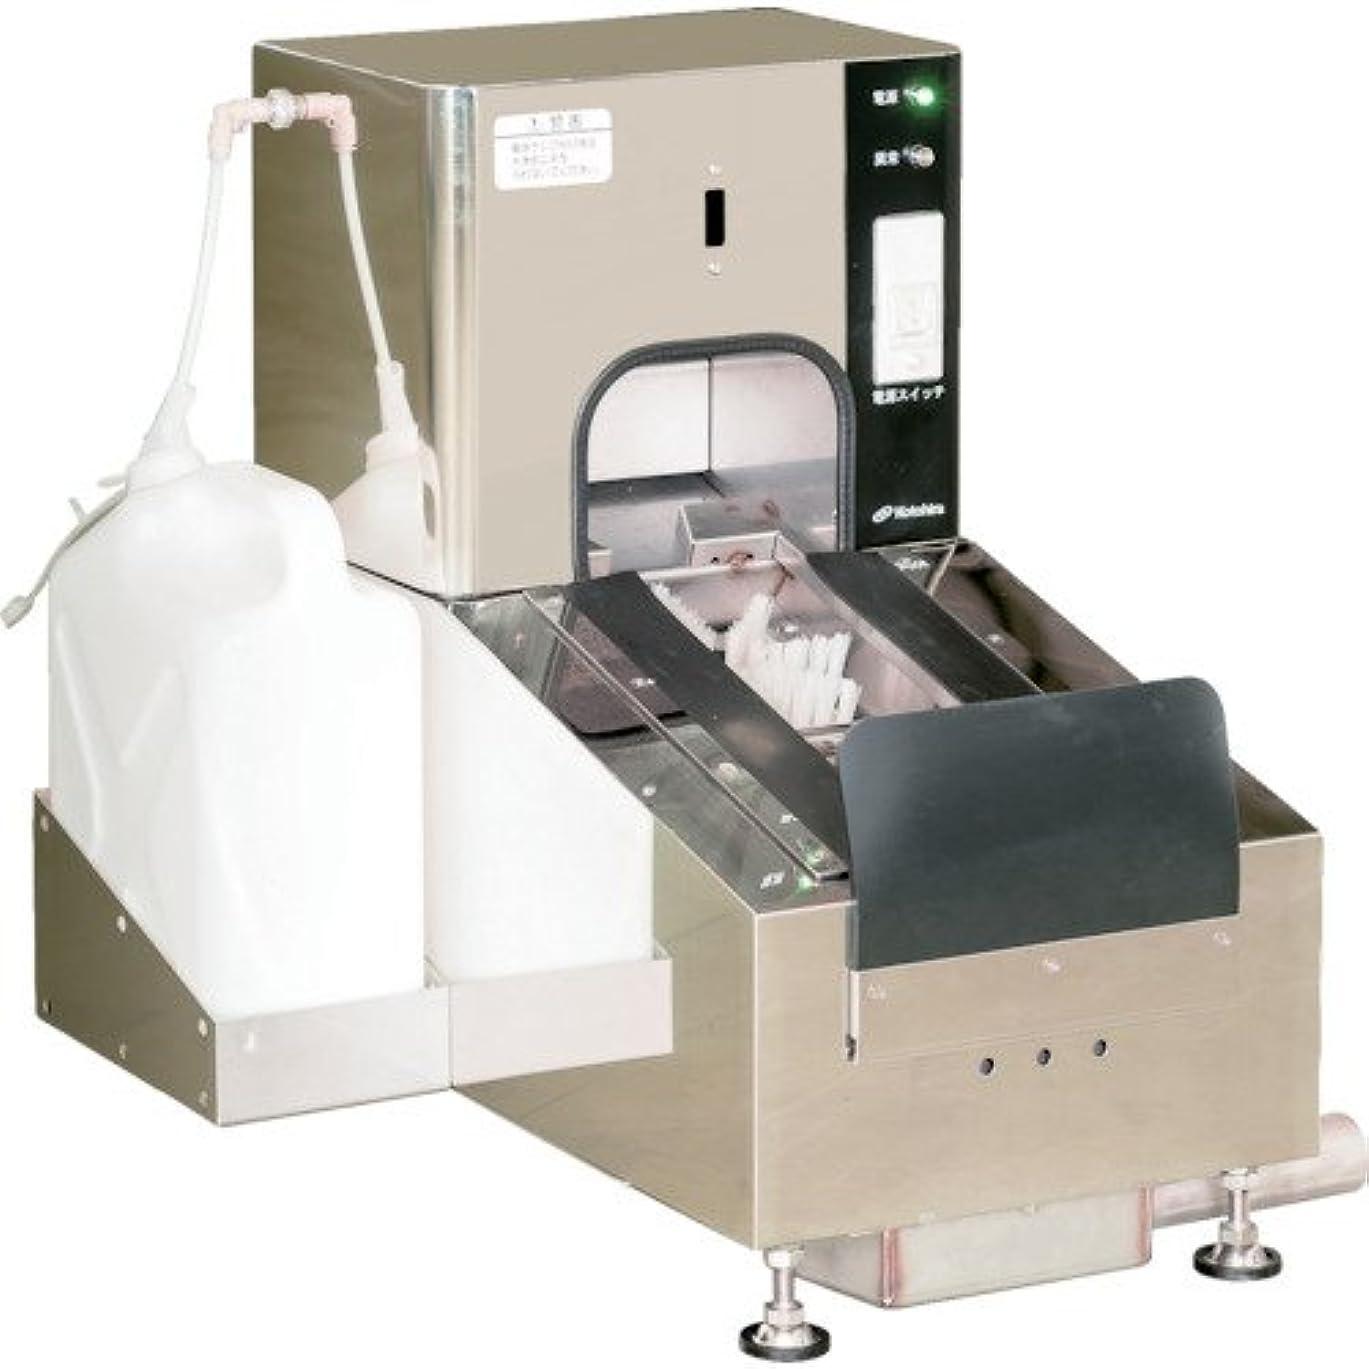 イル子供達リードコトヒラ 流水式靴底洗浄装置 洗剤投入タイプ KSW-S02D